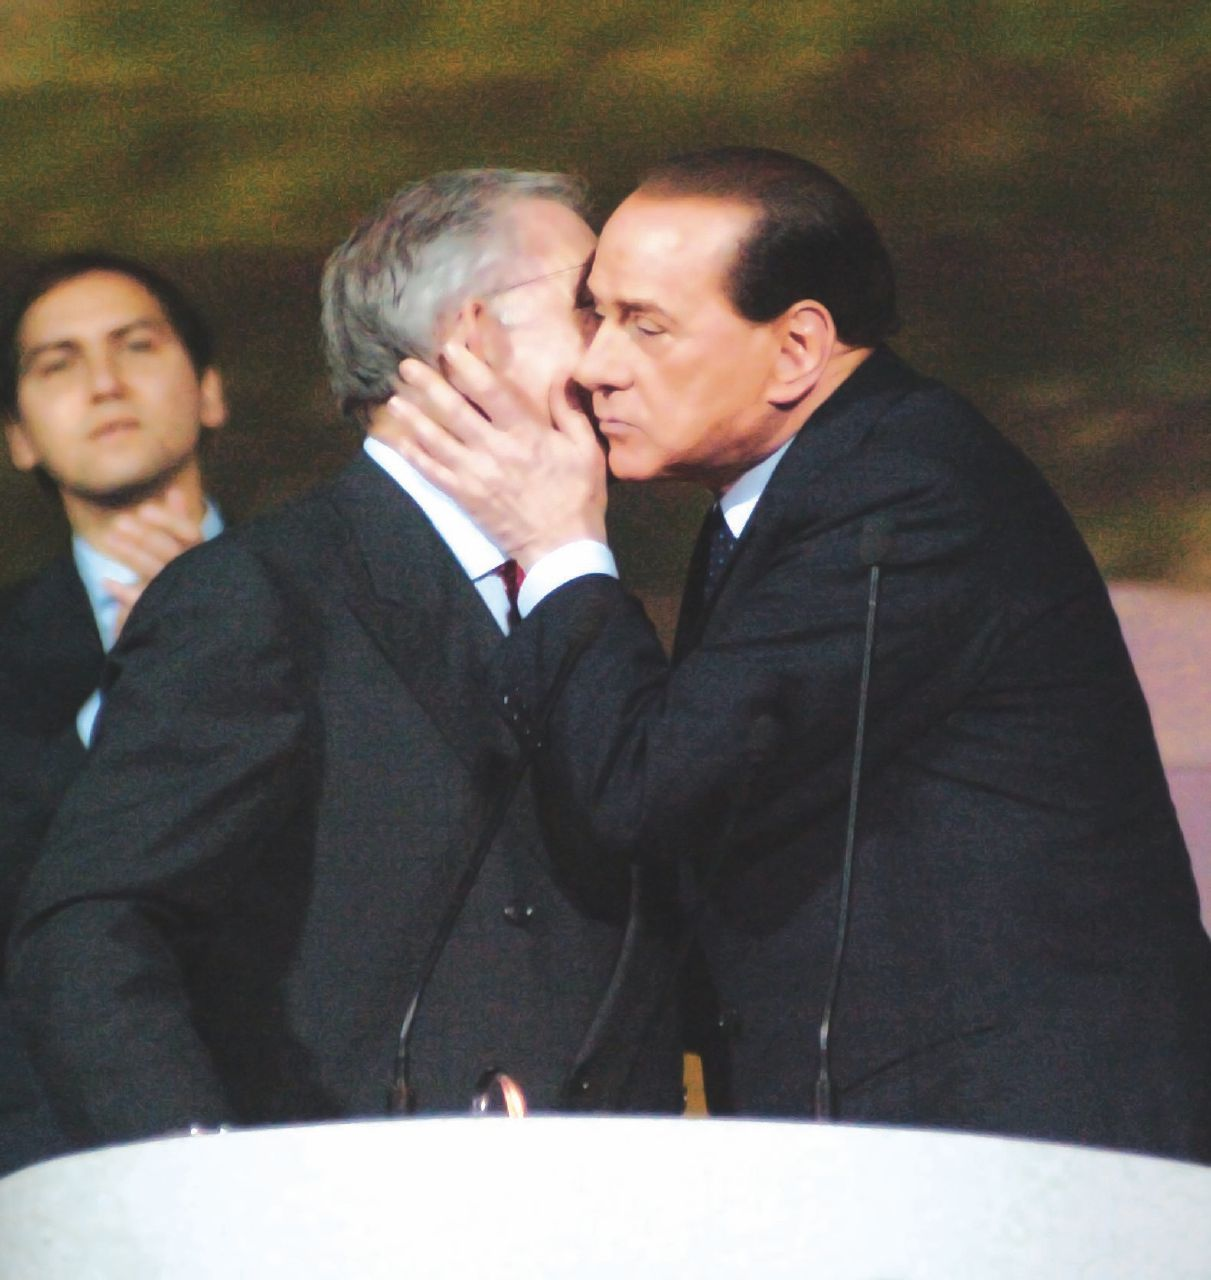 """In Edicola sul Fatto Quotidiano del 16 dicembre: """"Graviano vide Berlusconi e il suo orologio"""" Brusca, il verbale"""